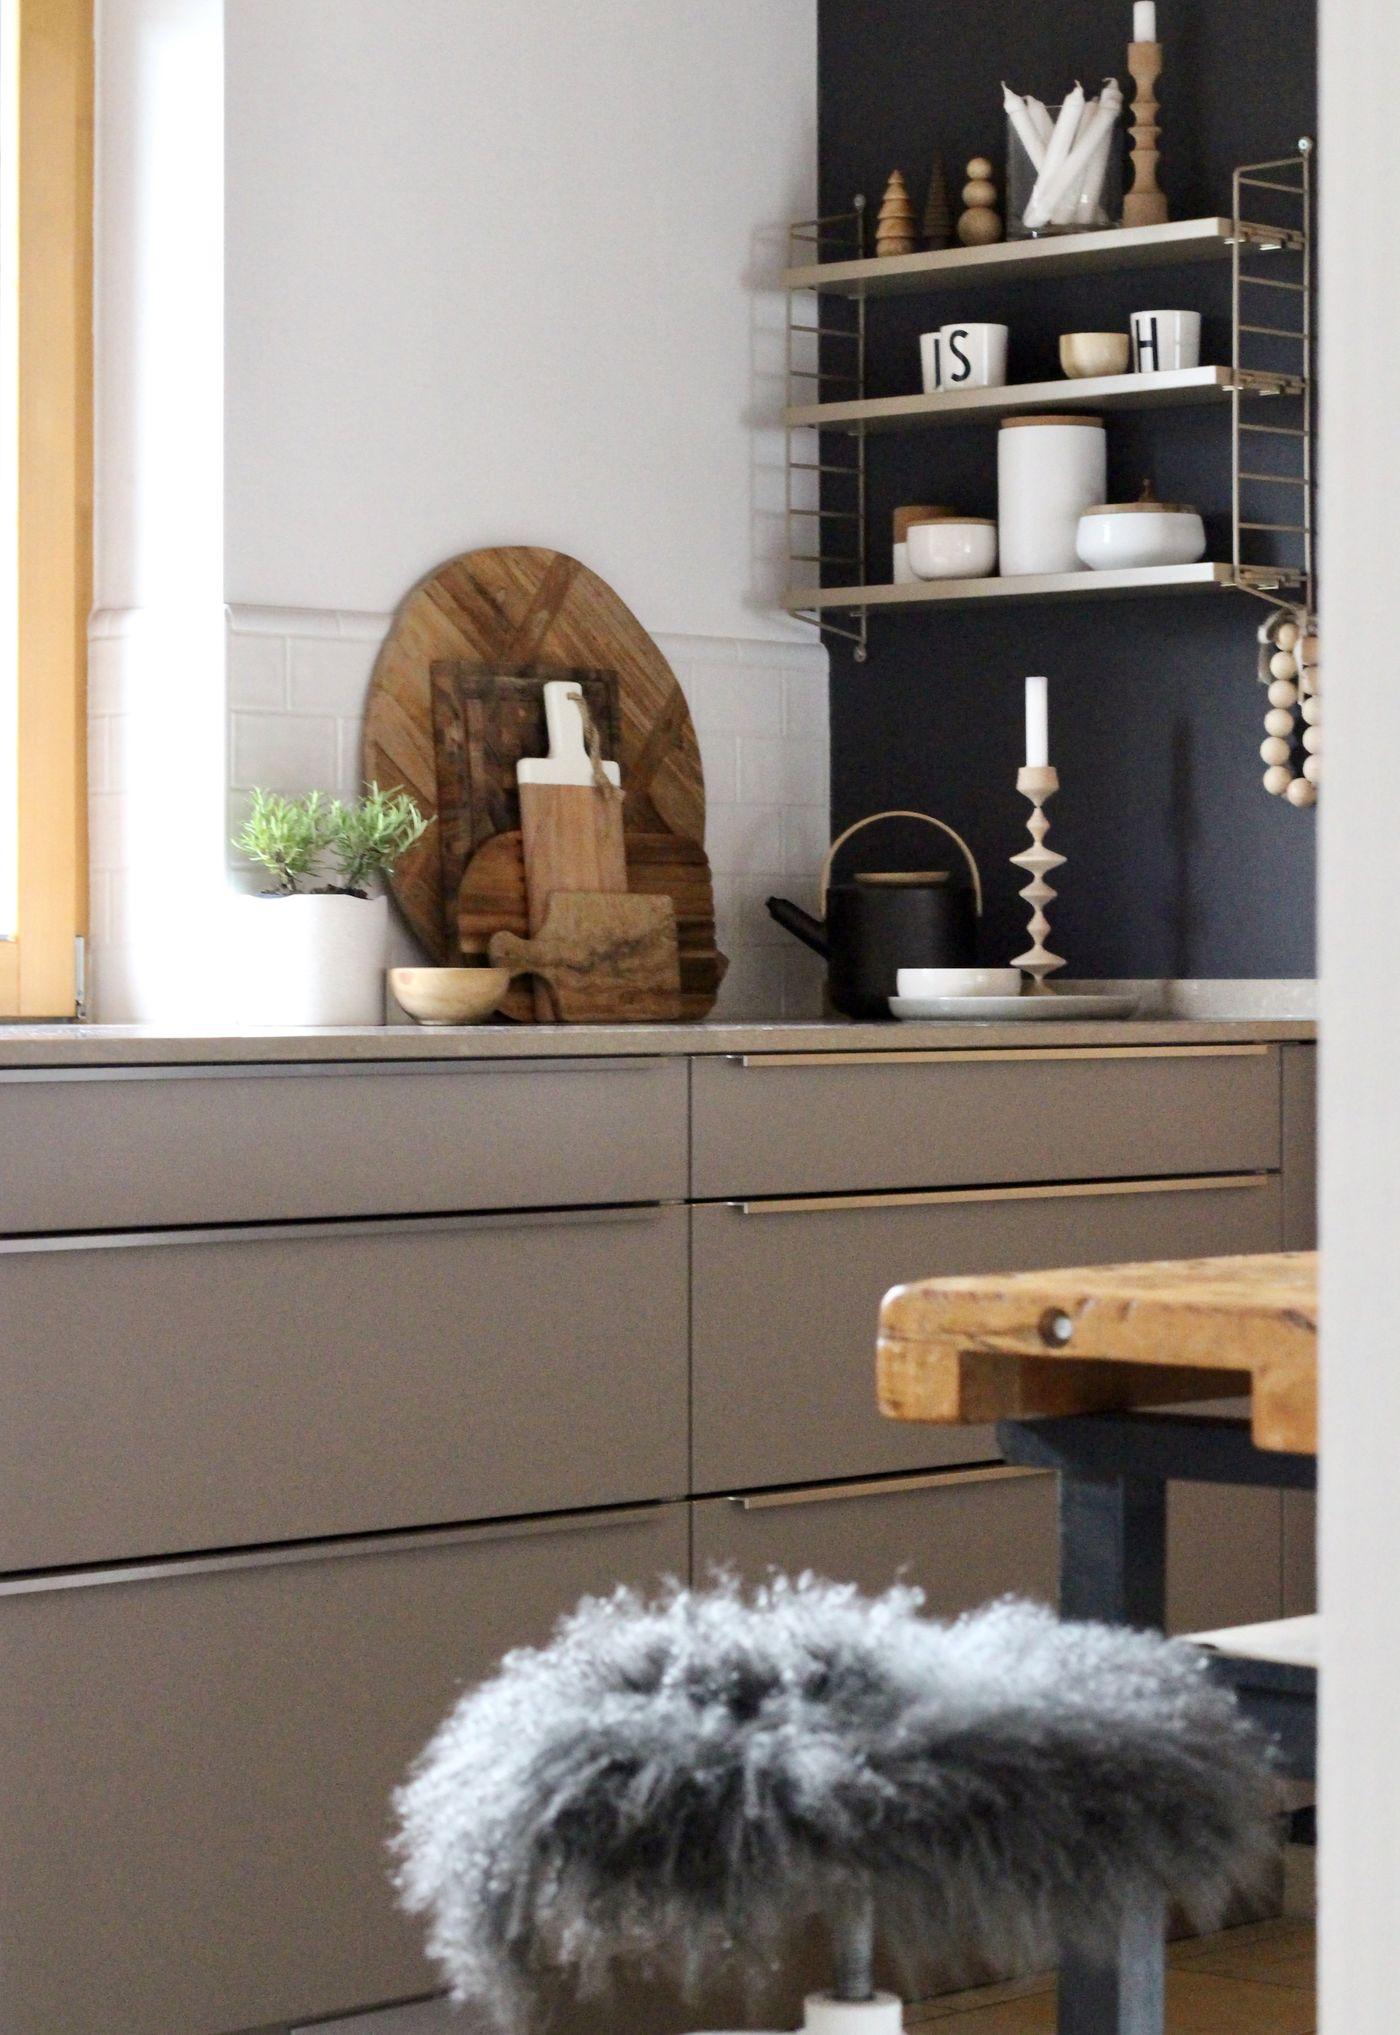 Full Size of Ikea Küchenregal Ideen Fr Dein Kchenregal Miniküche Küche Kosten Modulküche Kaufen Betten 160x200 Bei Sofa Mit Schlaffunktion Wohnzimmer Ikea Küchenregal